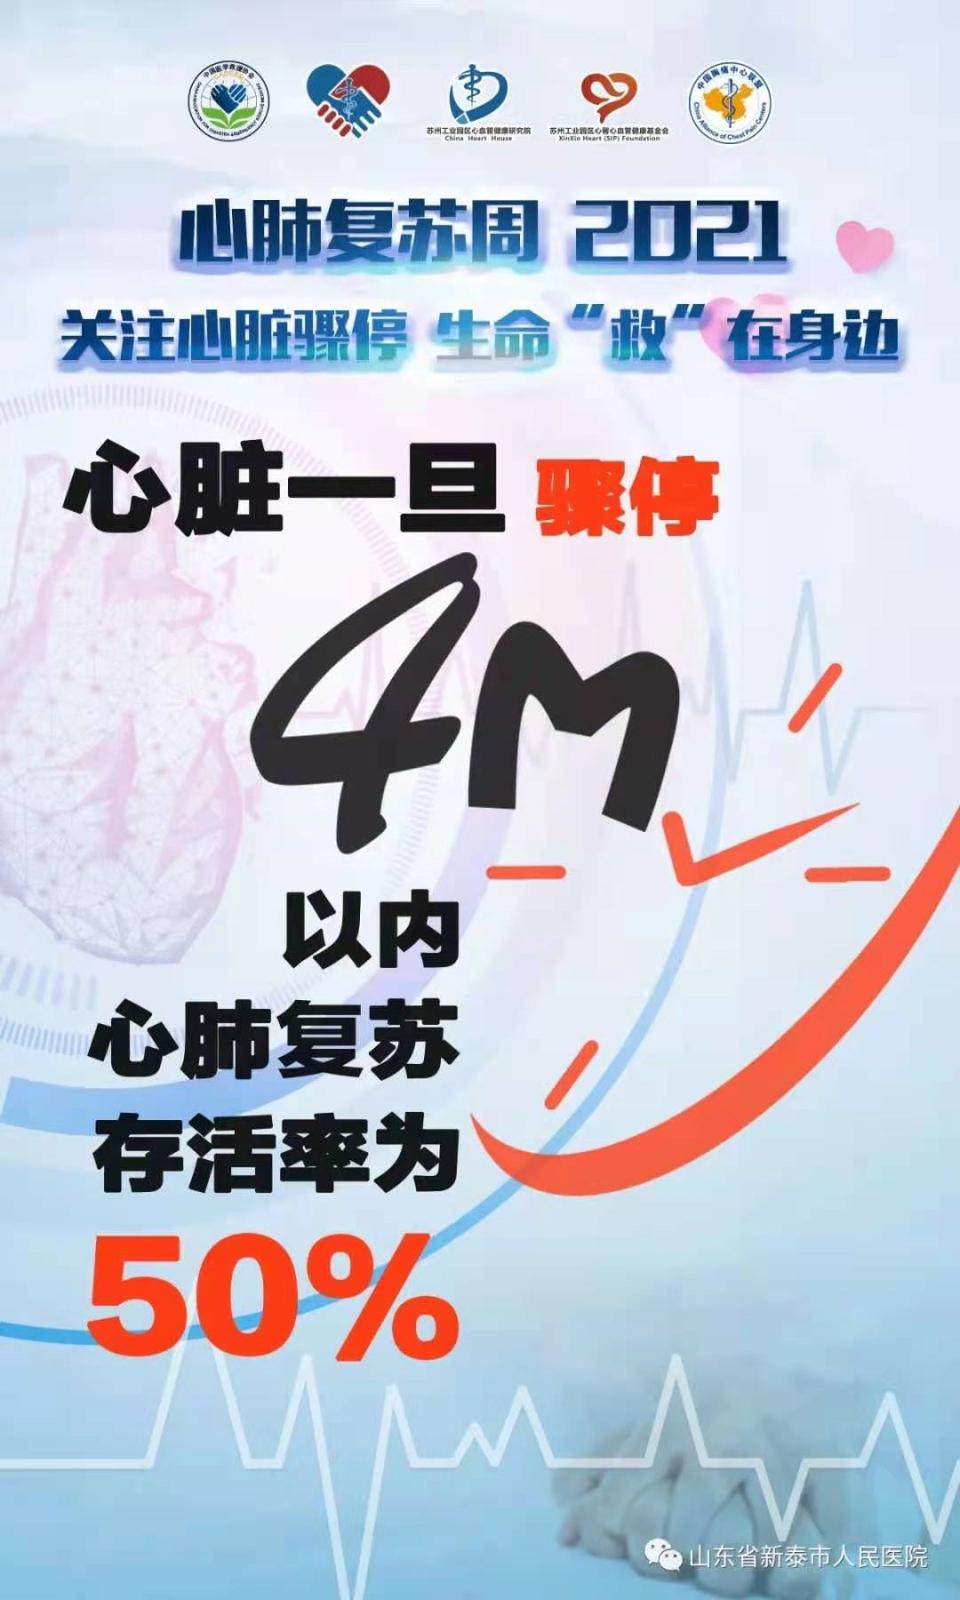 新泰市人民医院组织开展心肺复苏周活动